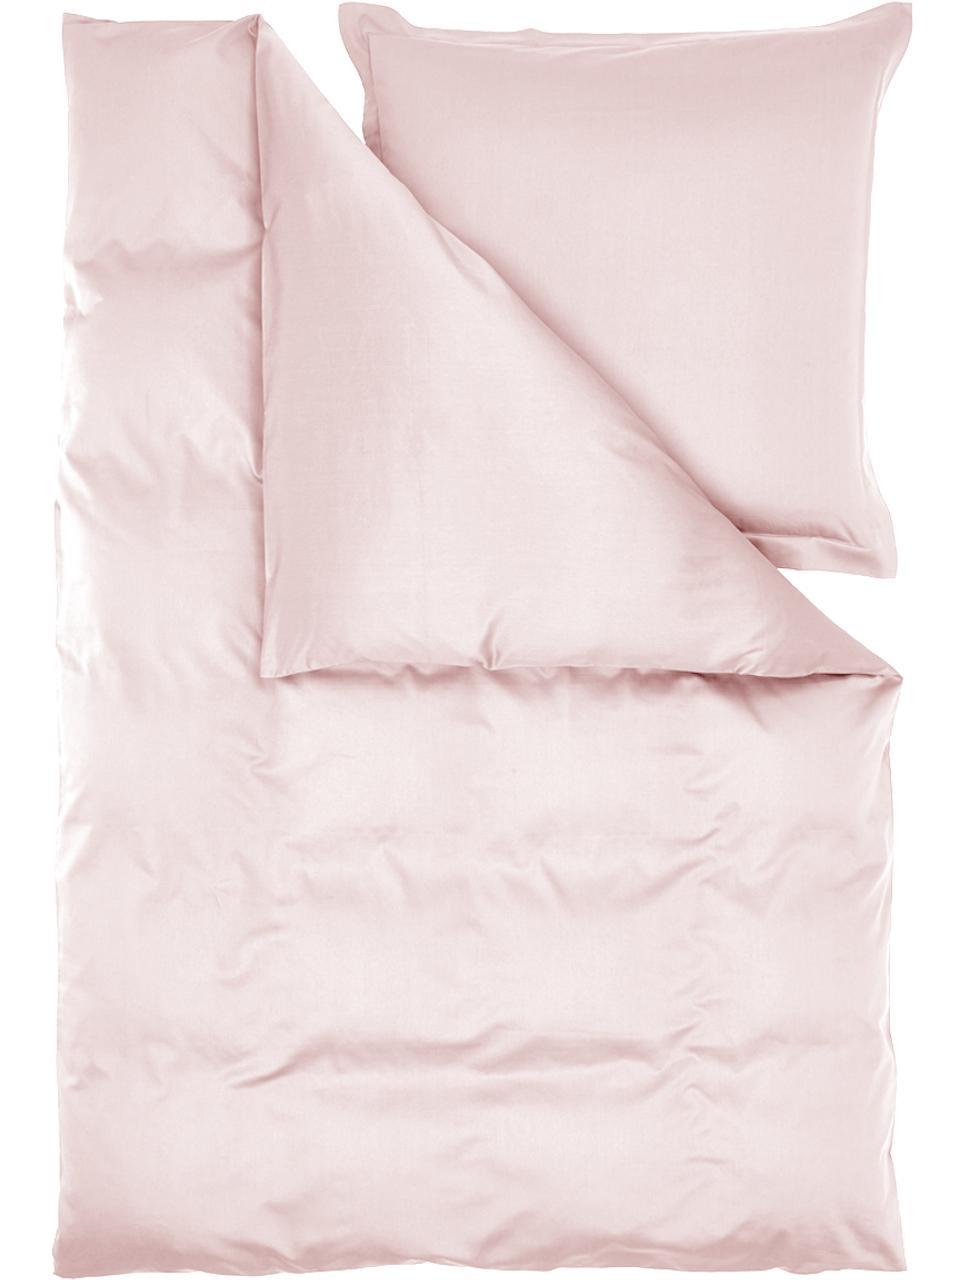 Baumwollsatin-Bettwäsche Premium in Rosa mit Stehsaum, Webart: Satin Fadendichte 400 TC,, Rosa, 240 x 220 cm + 2 Kissen 80 x 80 cm